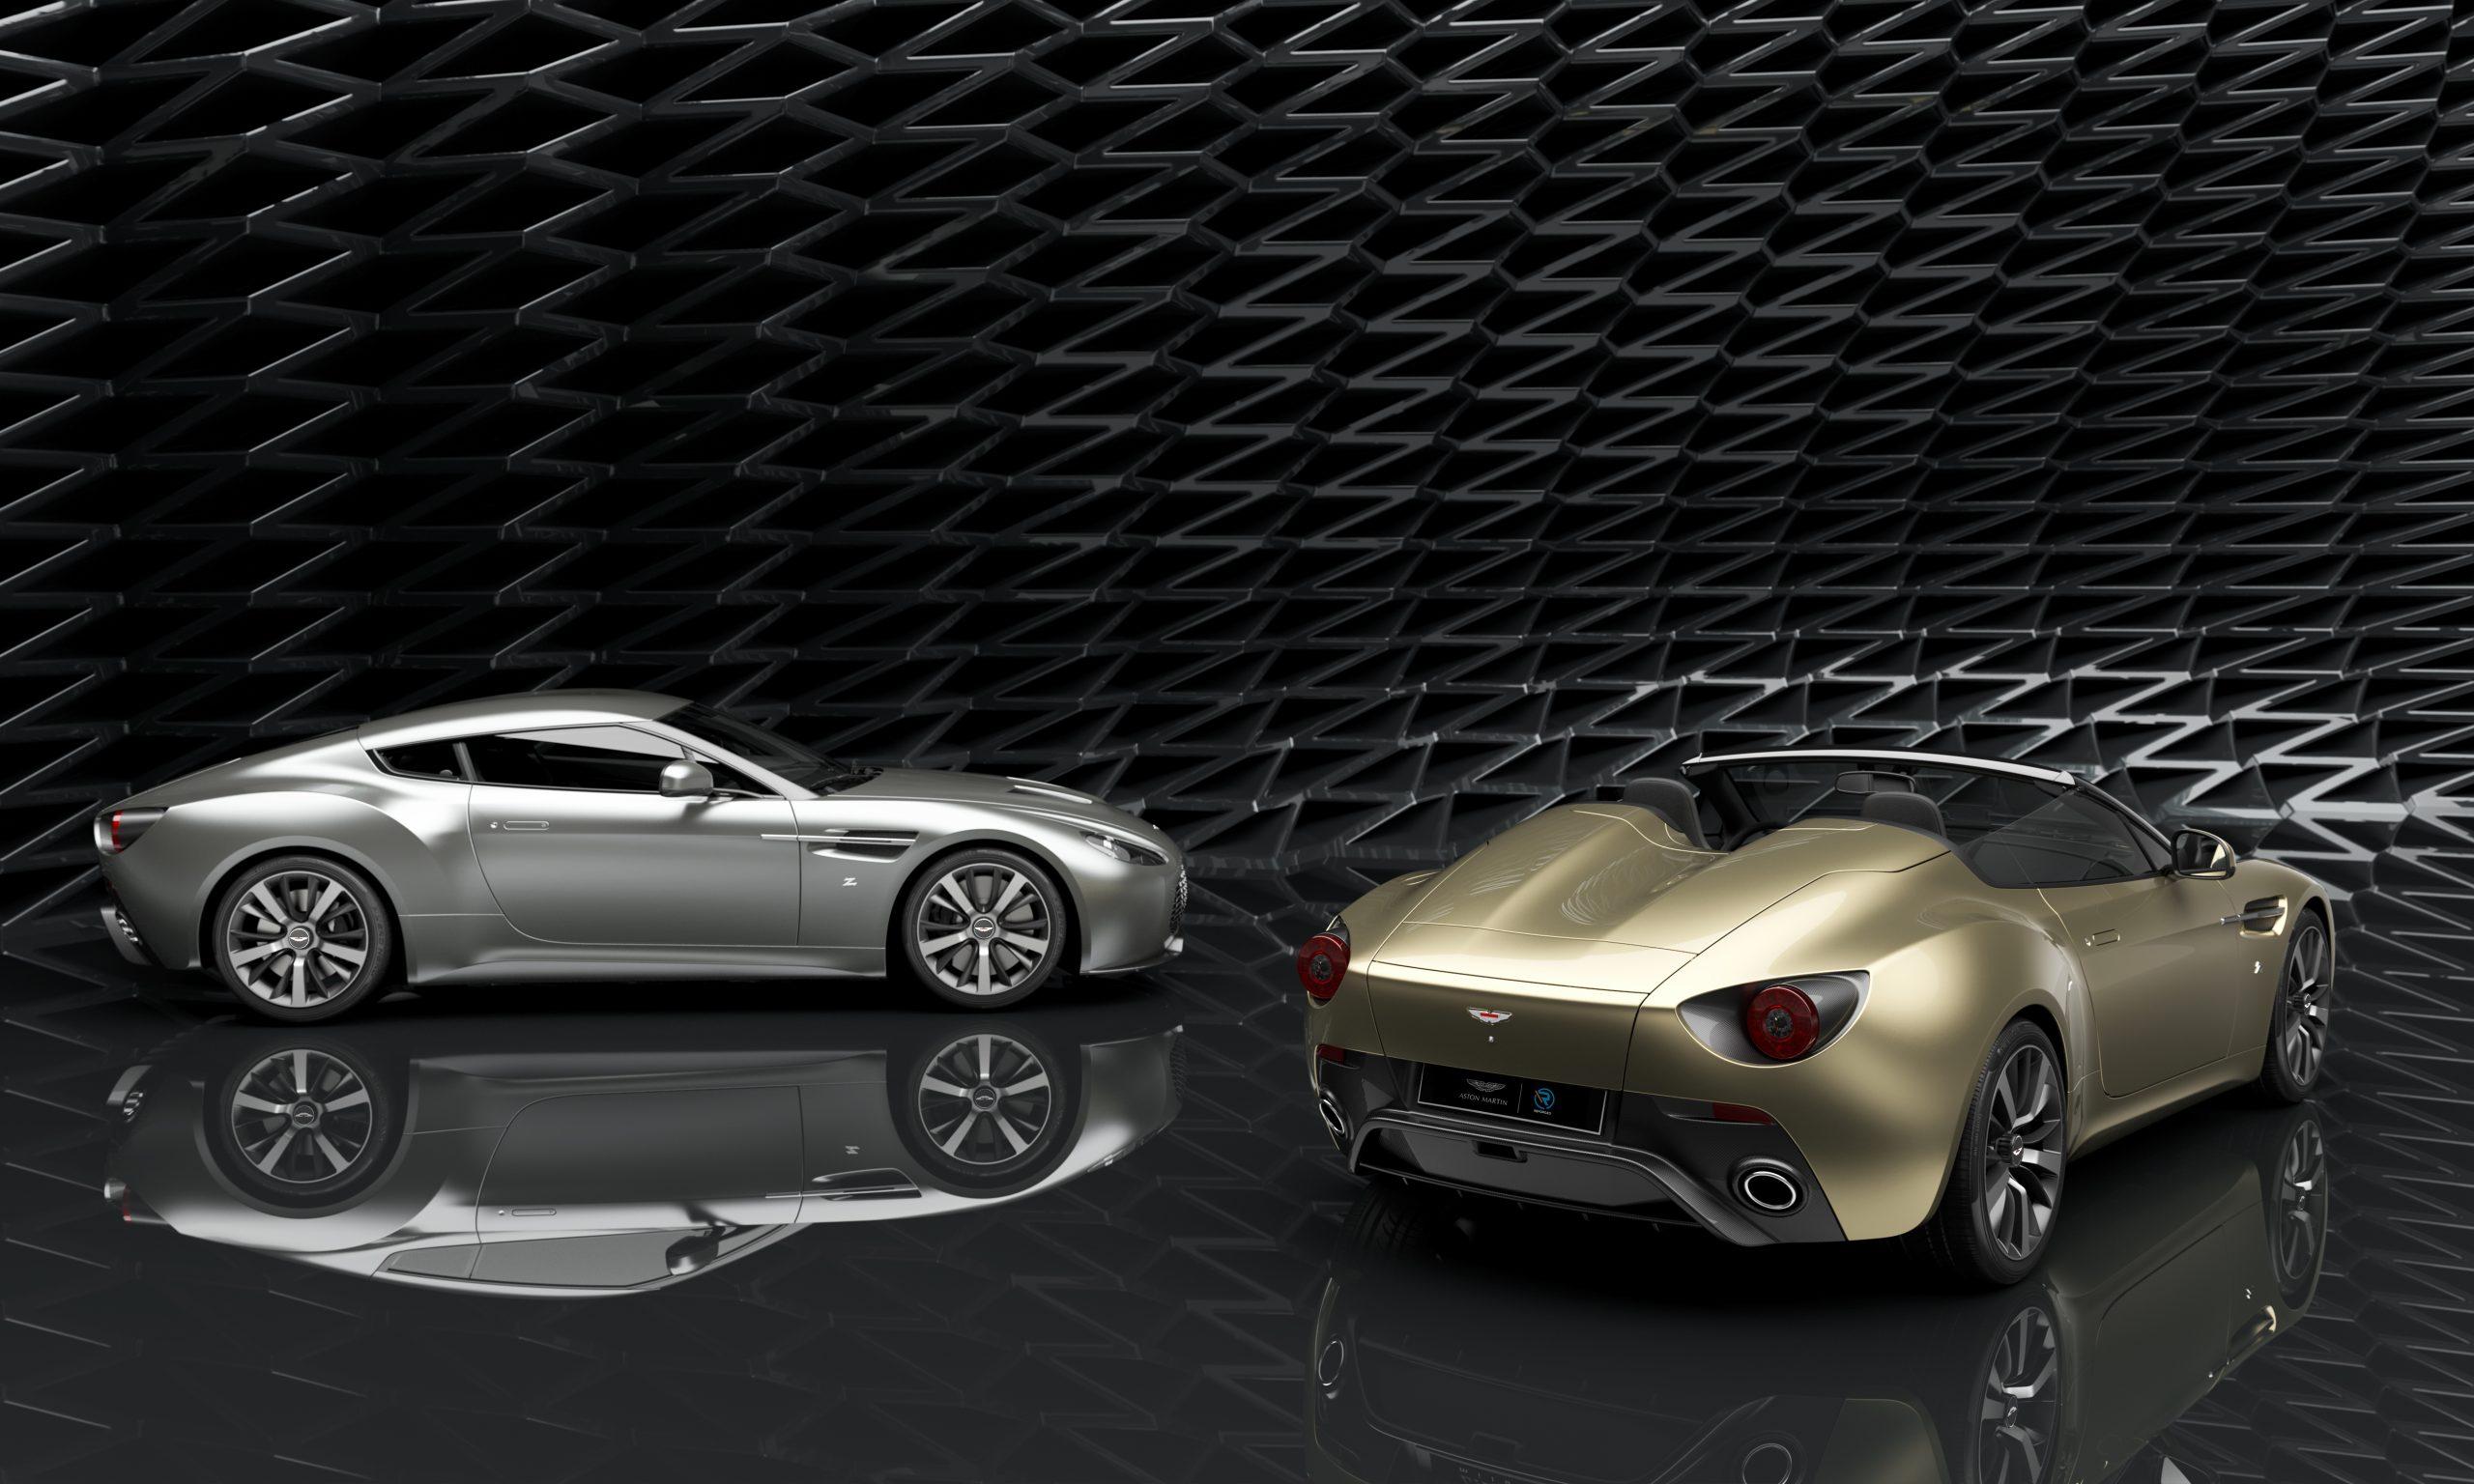 أستون مارتن تؤكد مواصفات سيارات فانتج في 12 زاغاتو المزدوجة وإنتاجها في المملكة المتحدة من قبل آر-ريفورجد